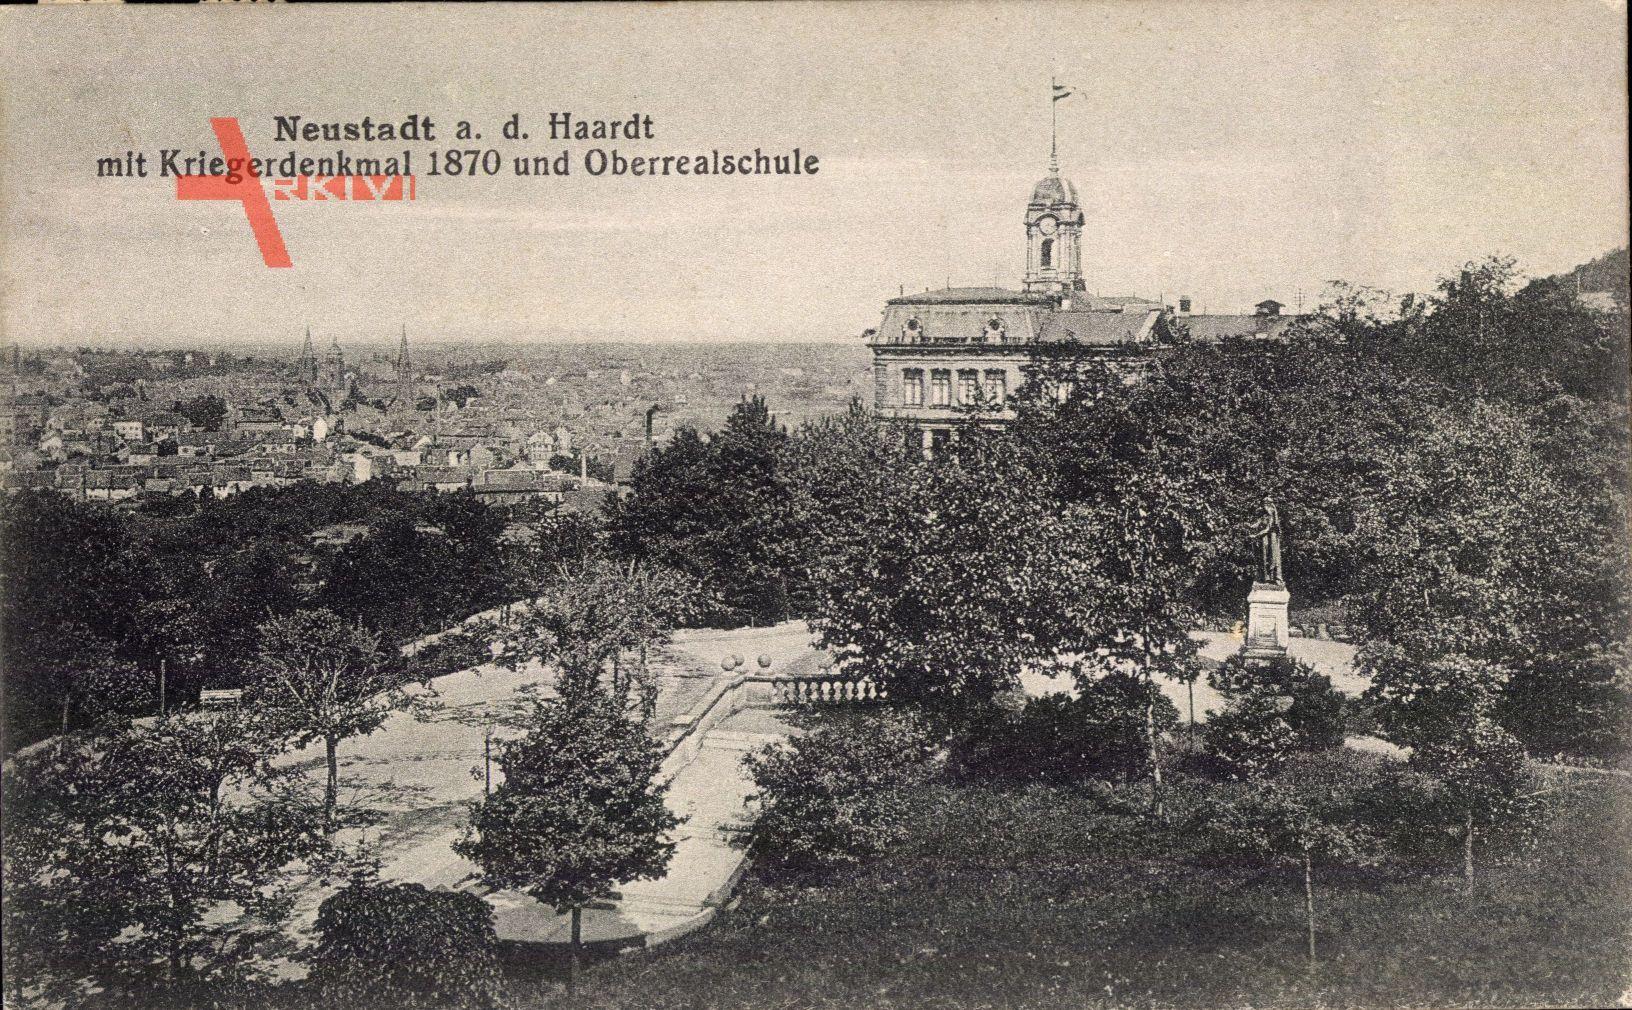 Neustadt an der Weinstraße, Kriegerdenkmal 1870 und Oberrealschule